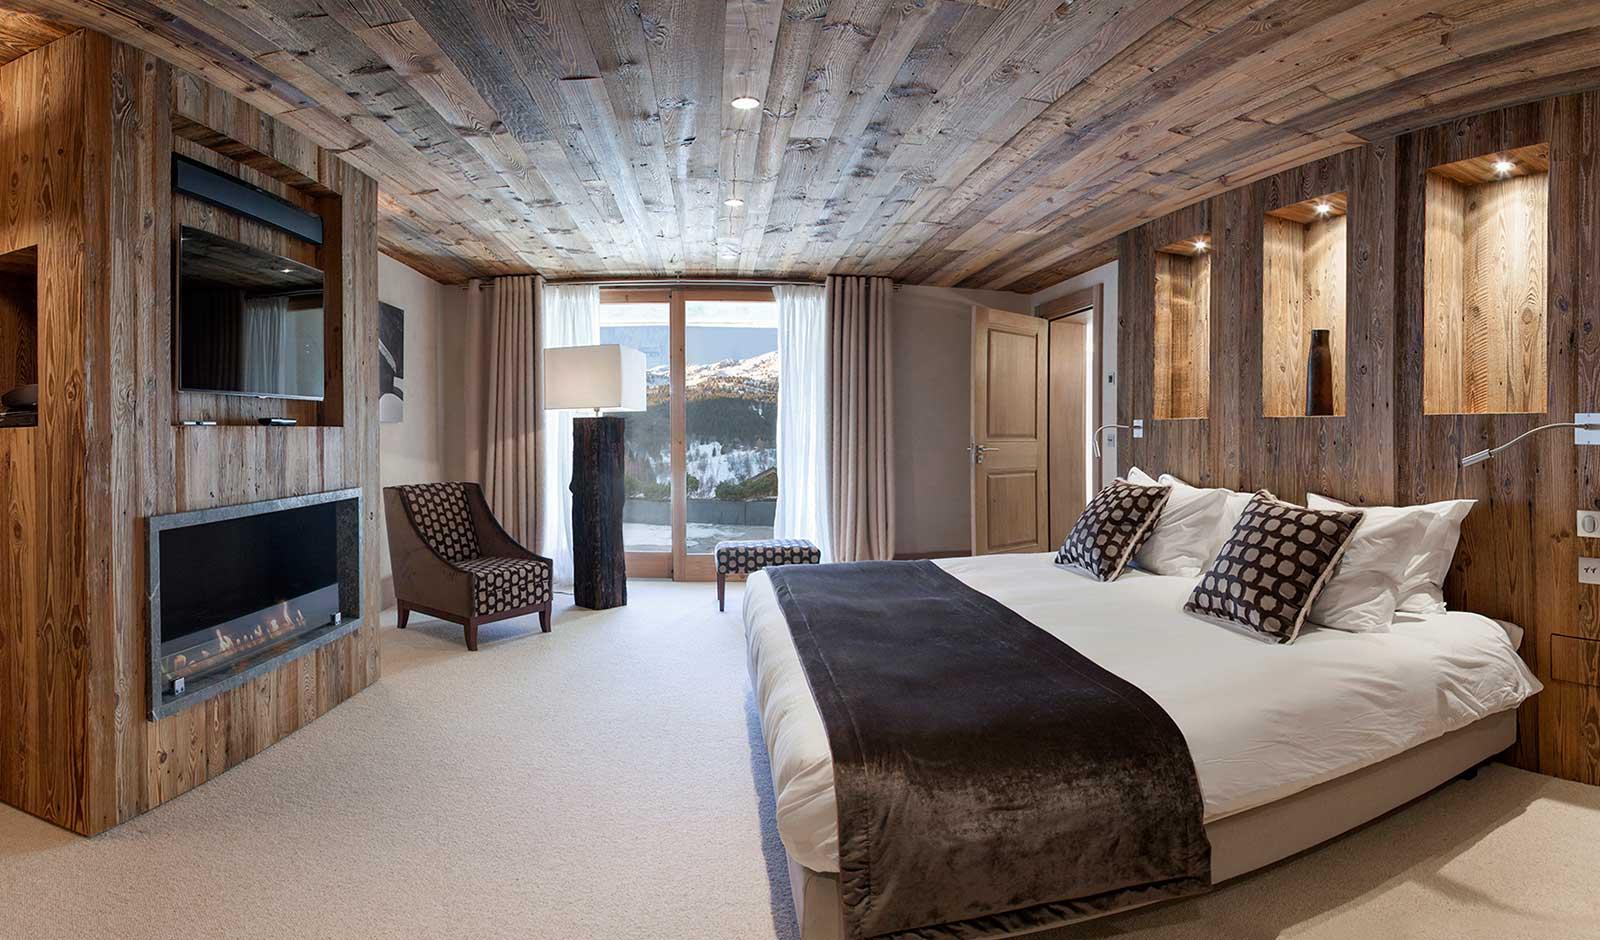 chalet-mont-tremblant-4-atelier-crea-and-co-architecte-design-project-manager-meribel-savoie